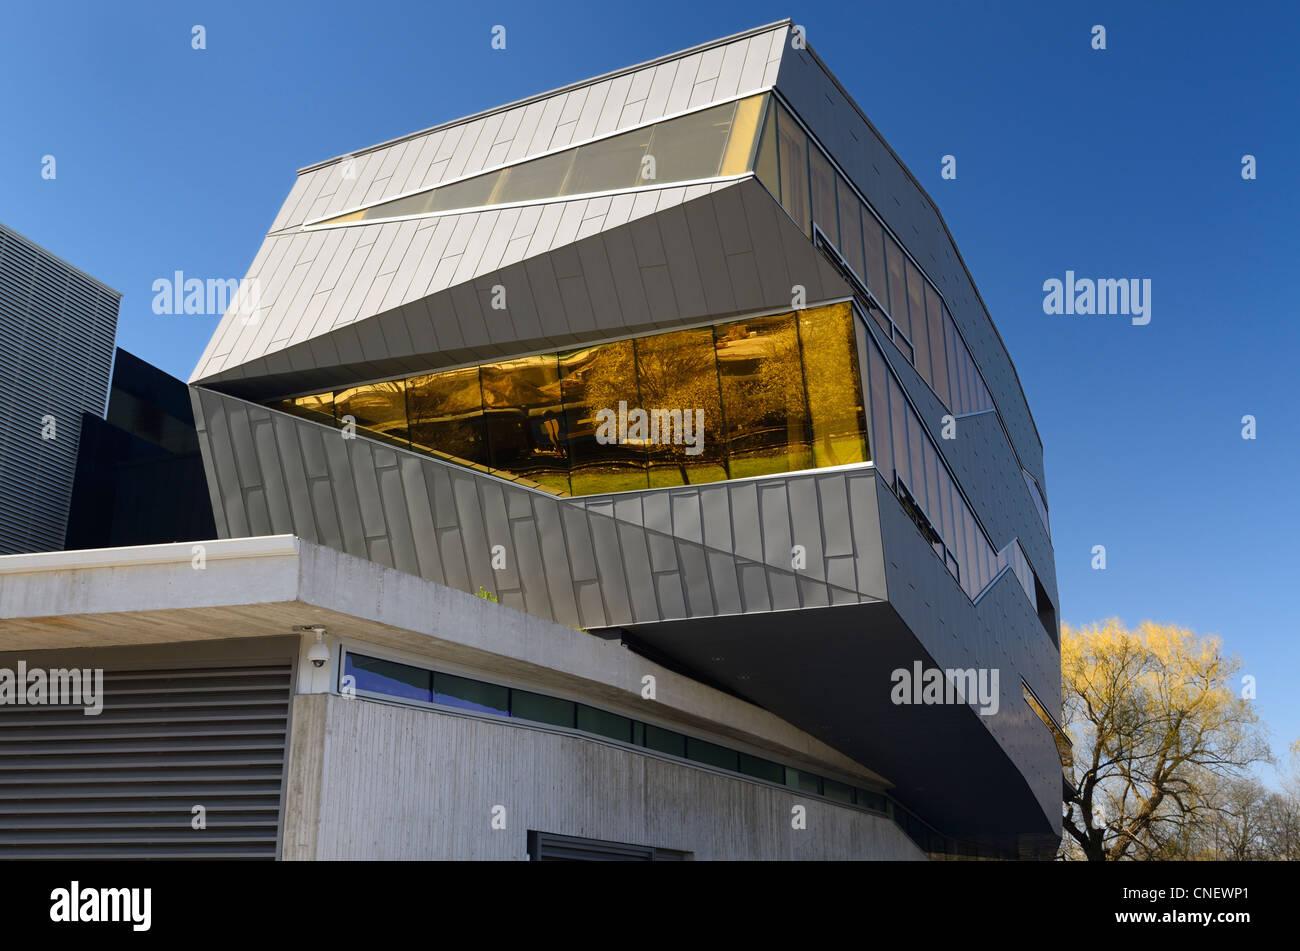 Arquitectura futurista del perímetro del edificio de investigación del Instituto de física teórica Imagen De Stock